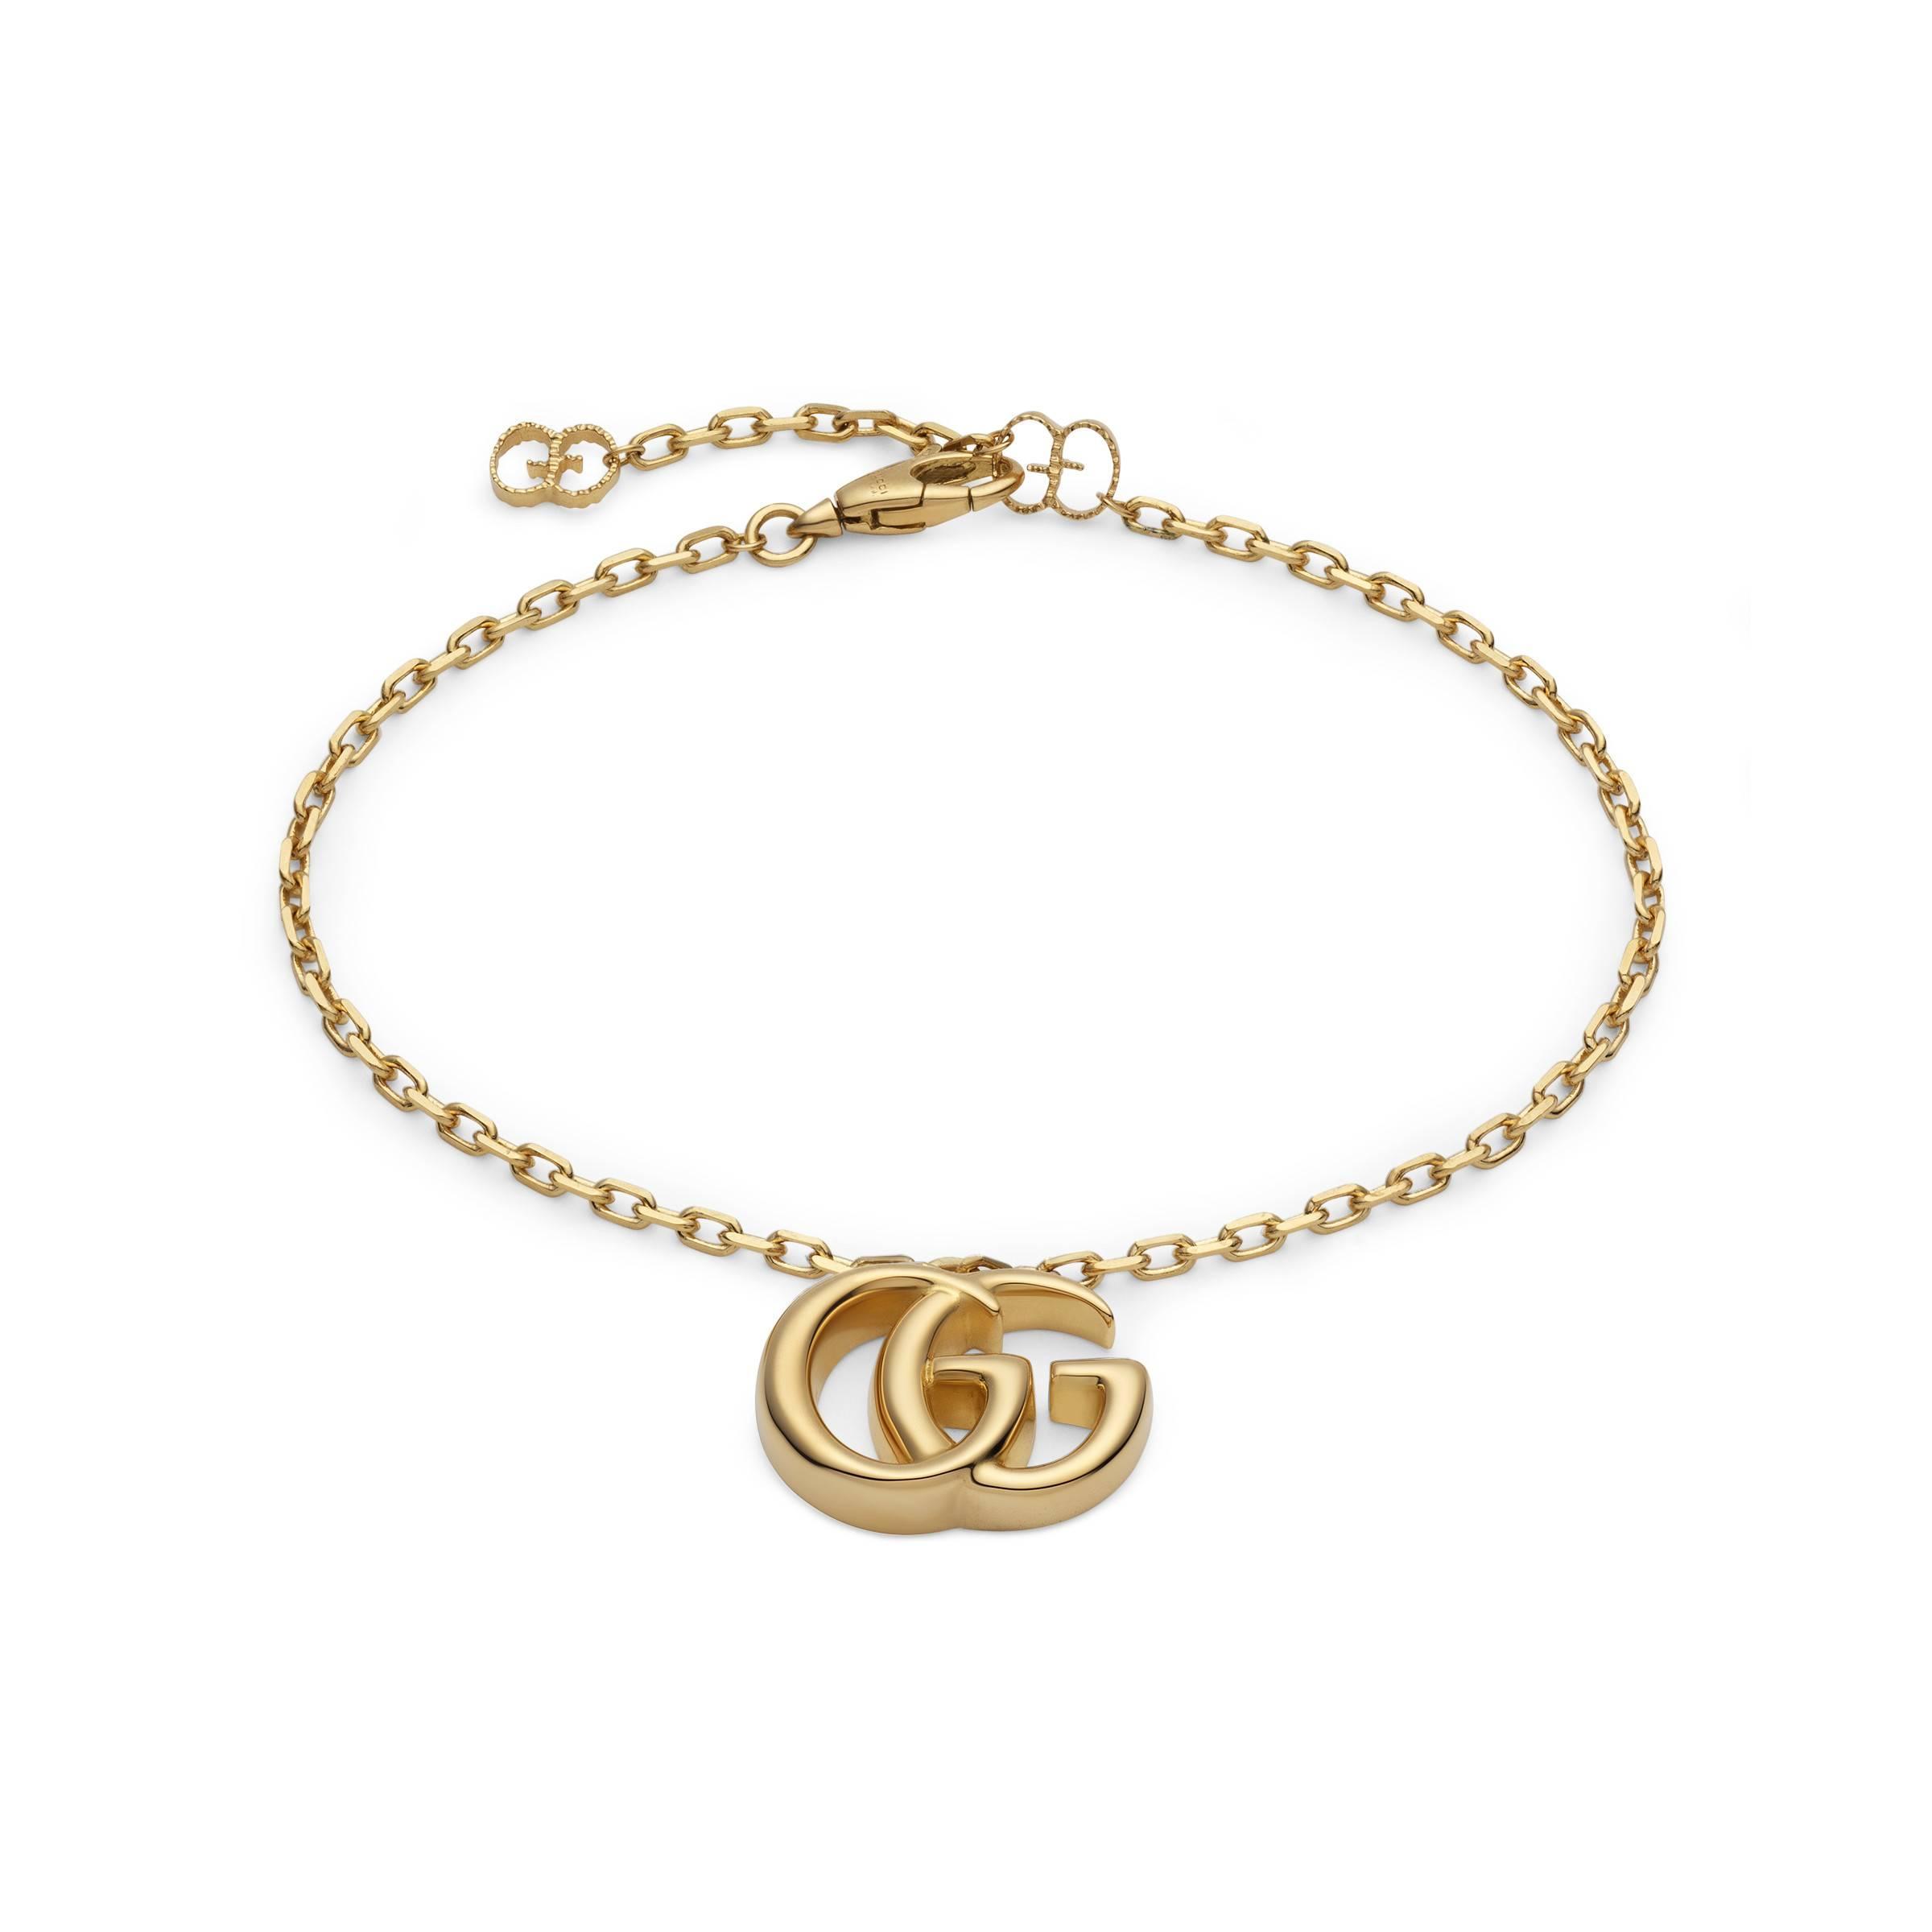 1a92a687b Gucci. Pulsera de Oro Amarillo con Doble G de mujer de color metálico